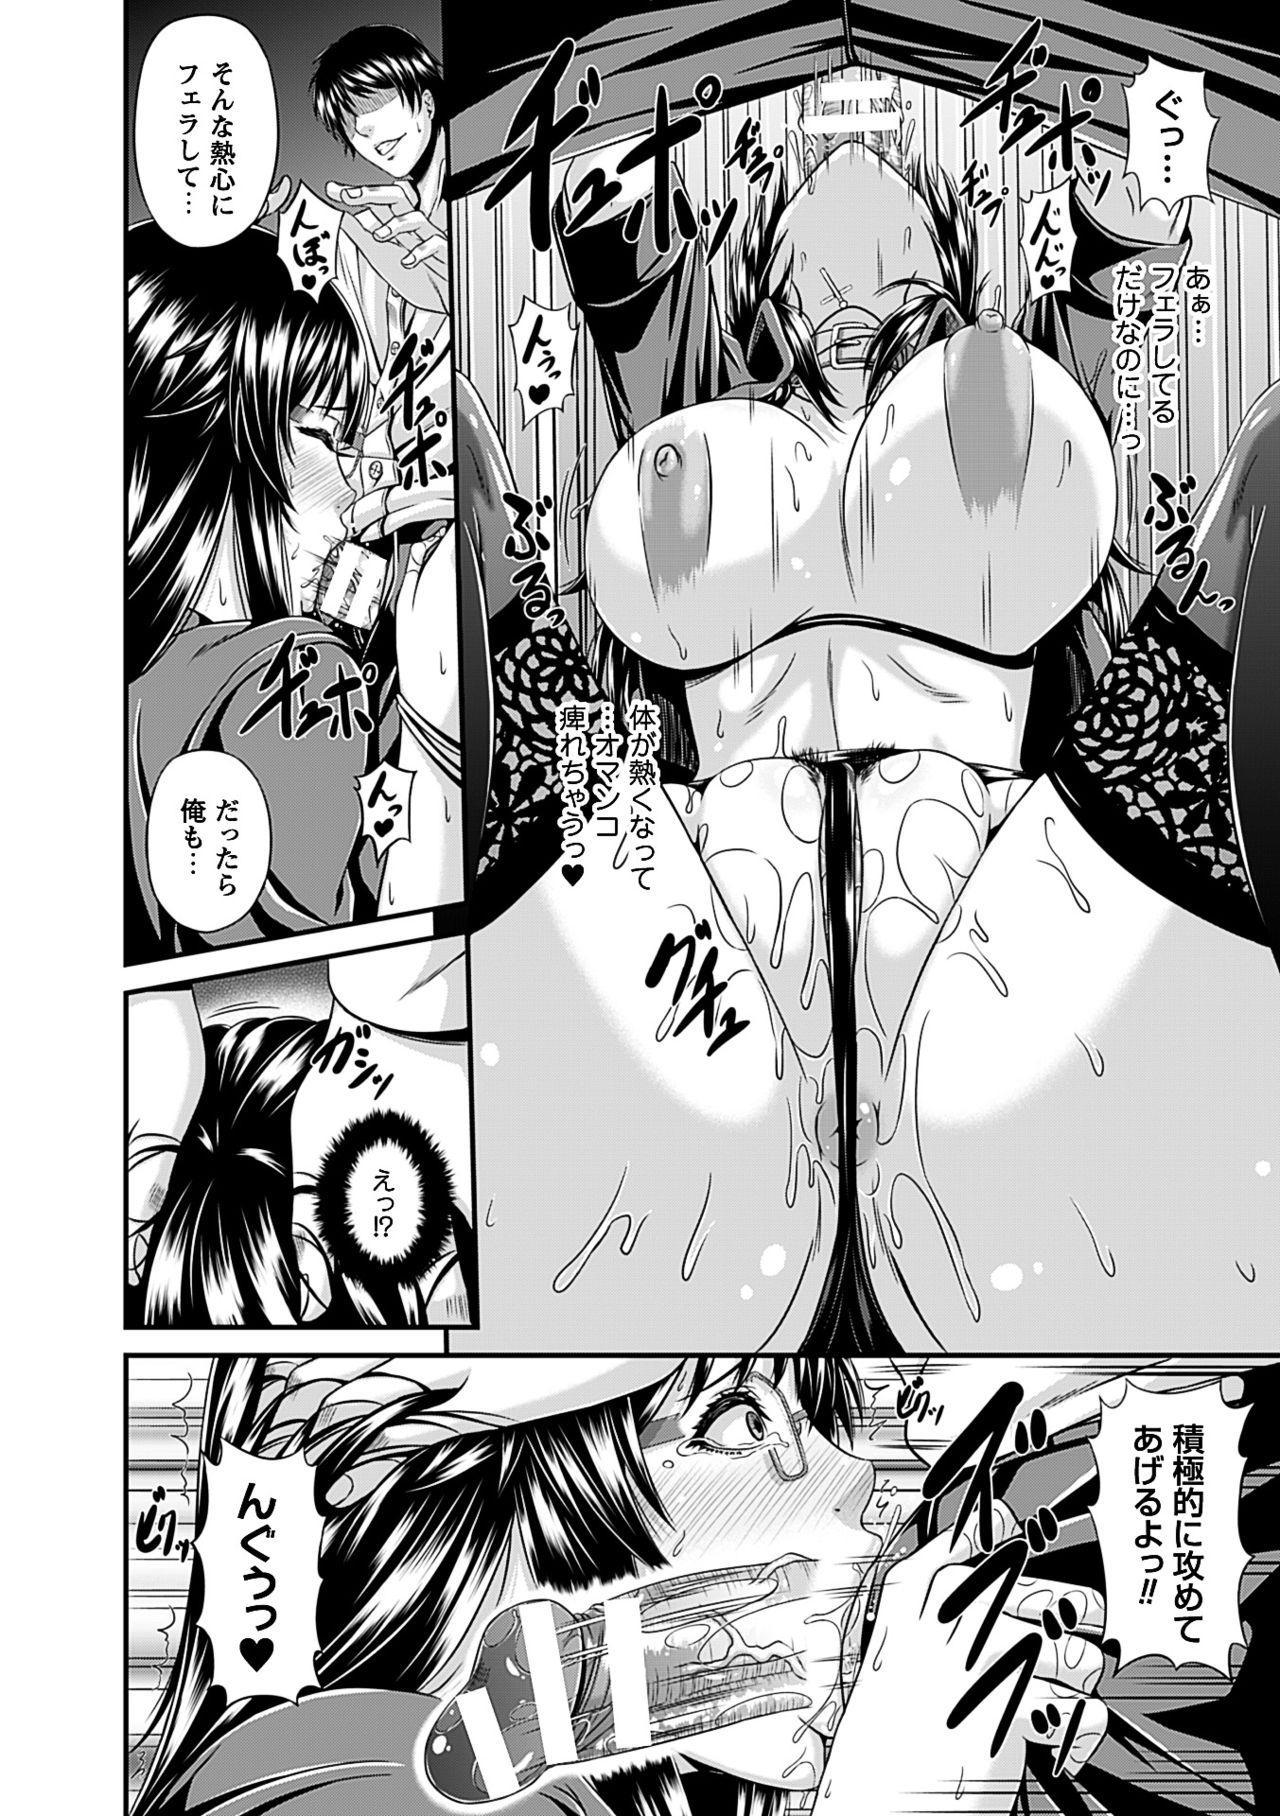 Mesu Hana ga Ochiru Toki - Maidenly Bloom Fallen 127